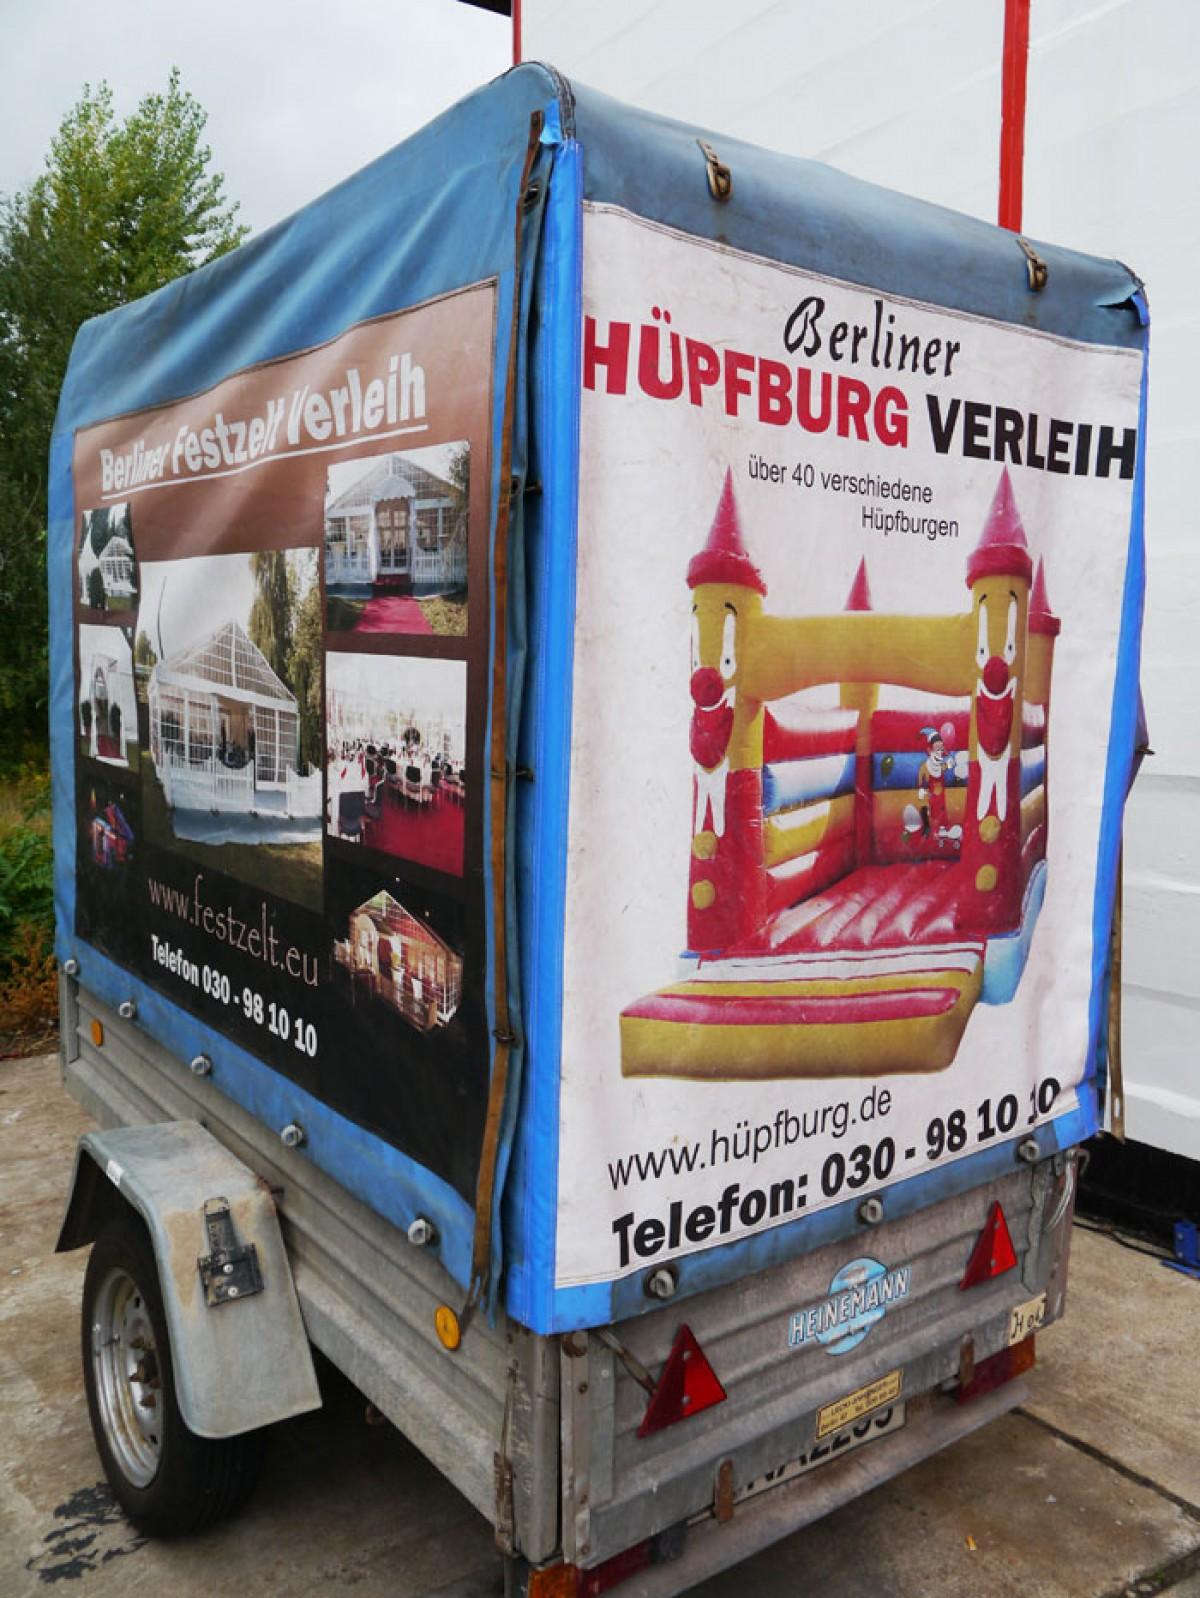 pkw anh nger mieten berlin anh nger verleih. Black Bedroom Furniture Sets. Home Design Ideas